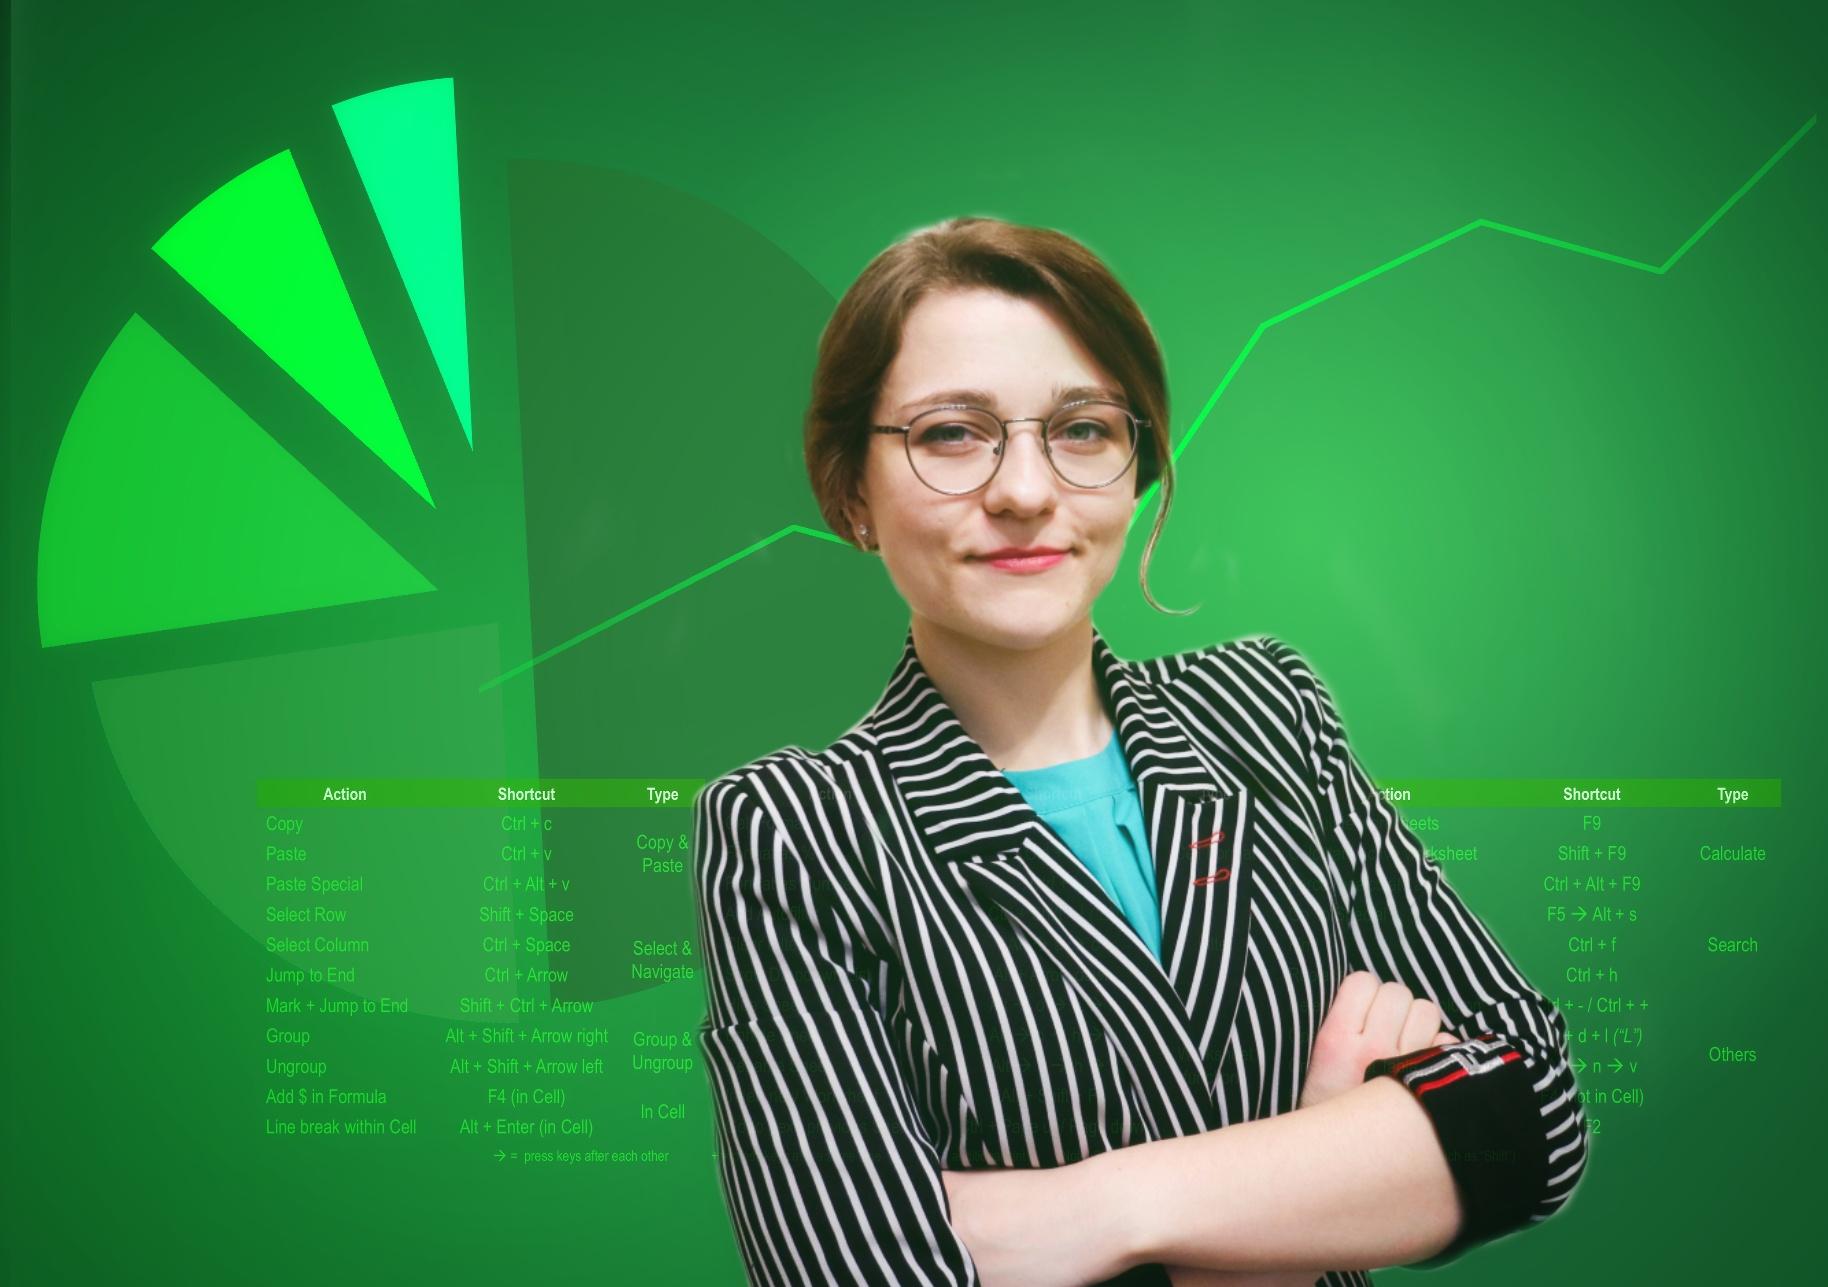 Курсы автоматизации, экономического анализа и программирования в MS Excel в Минске